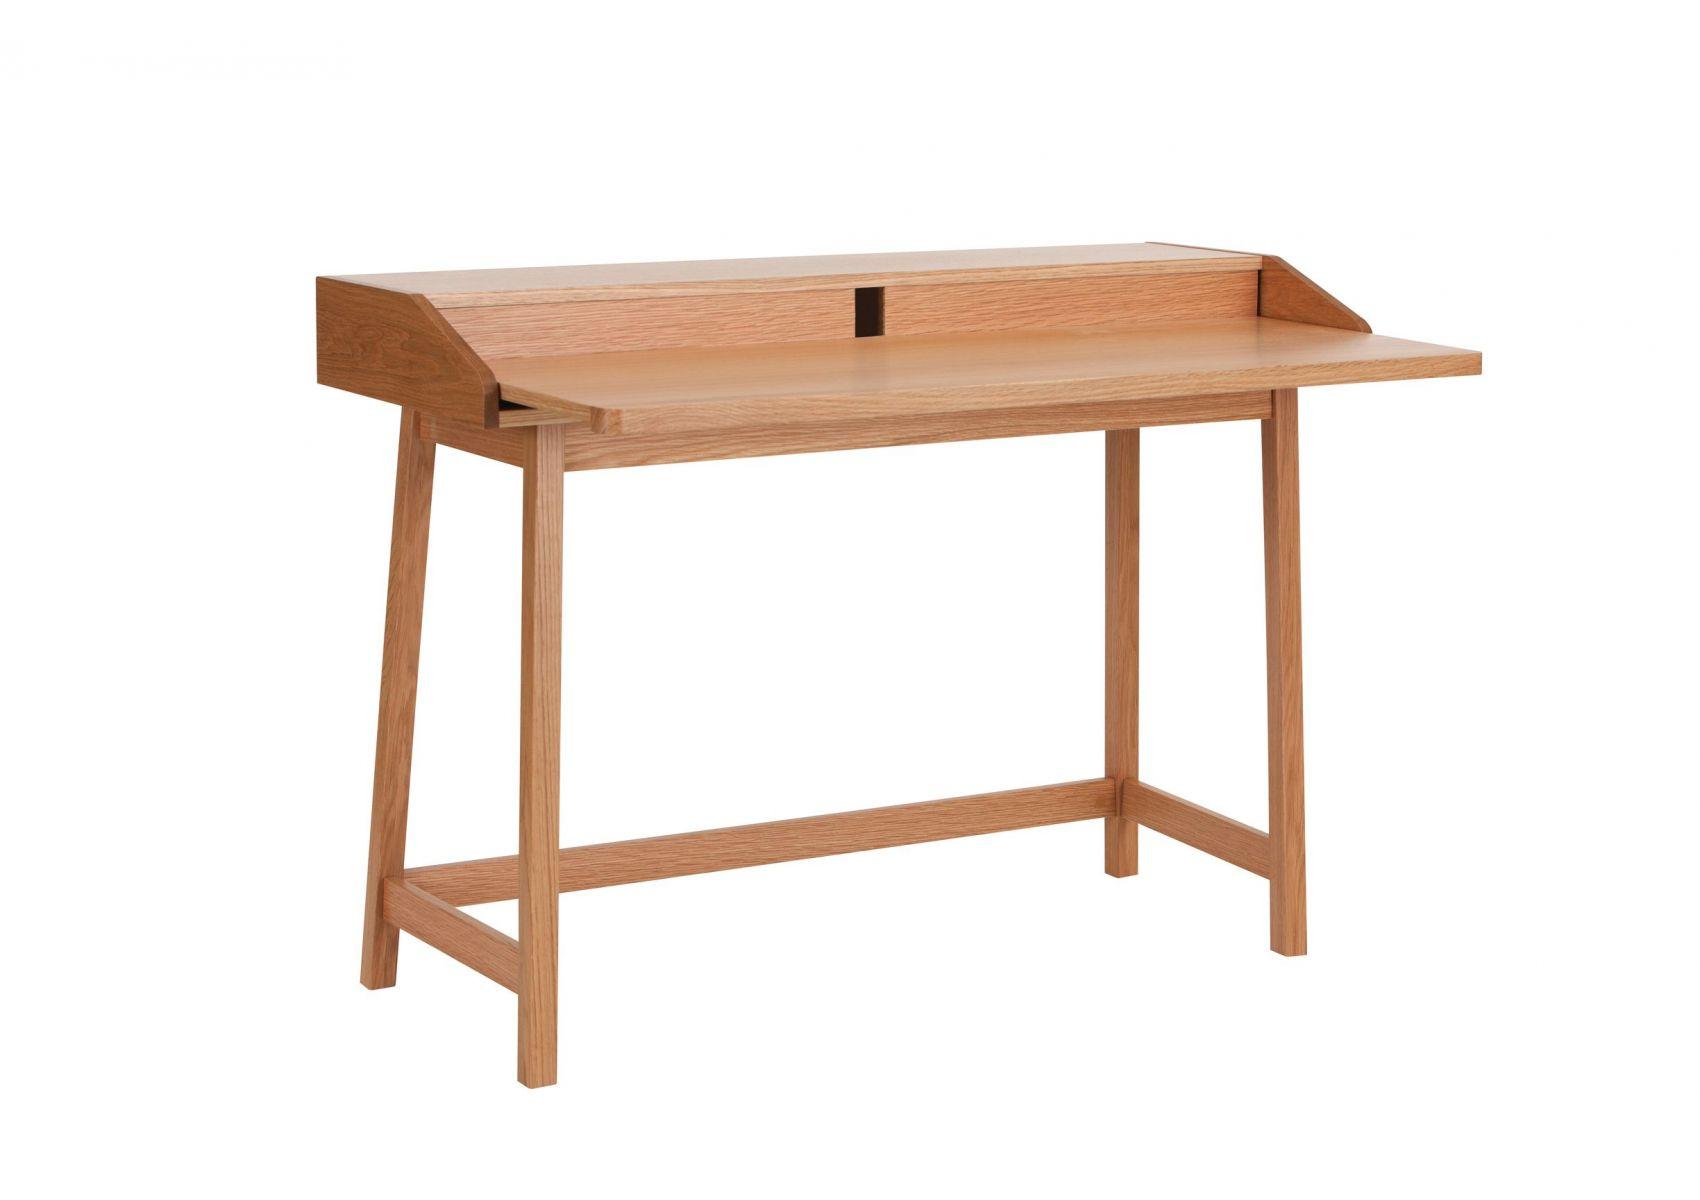 Bureau avec plateau coulissant en bois st james de chez woodman